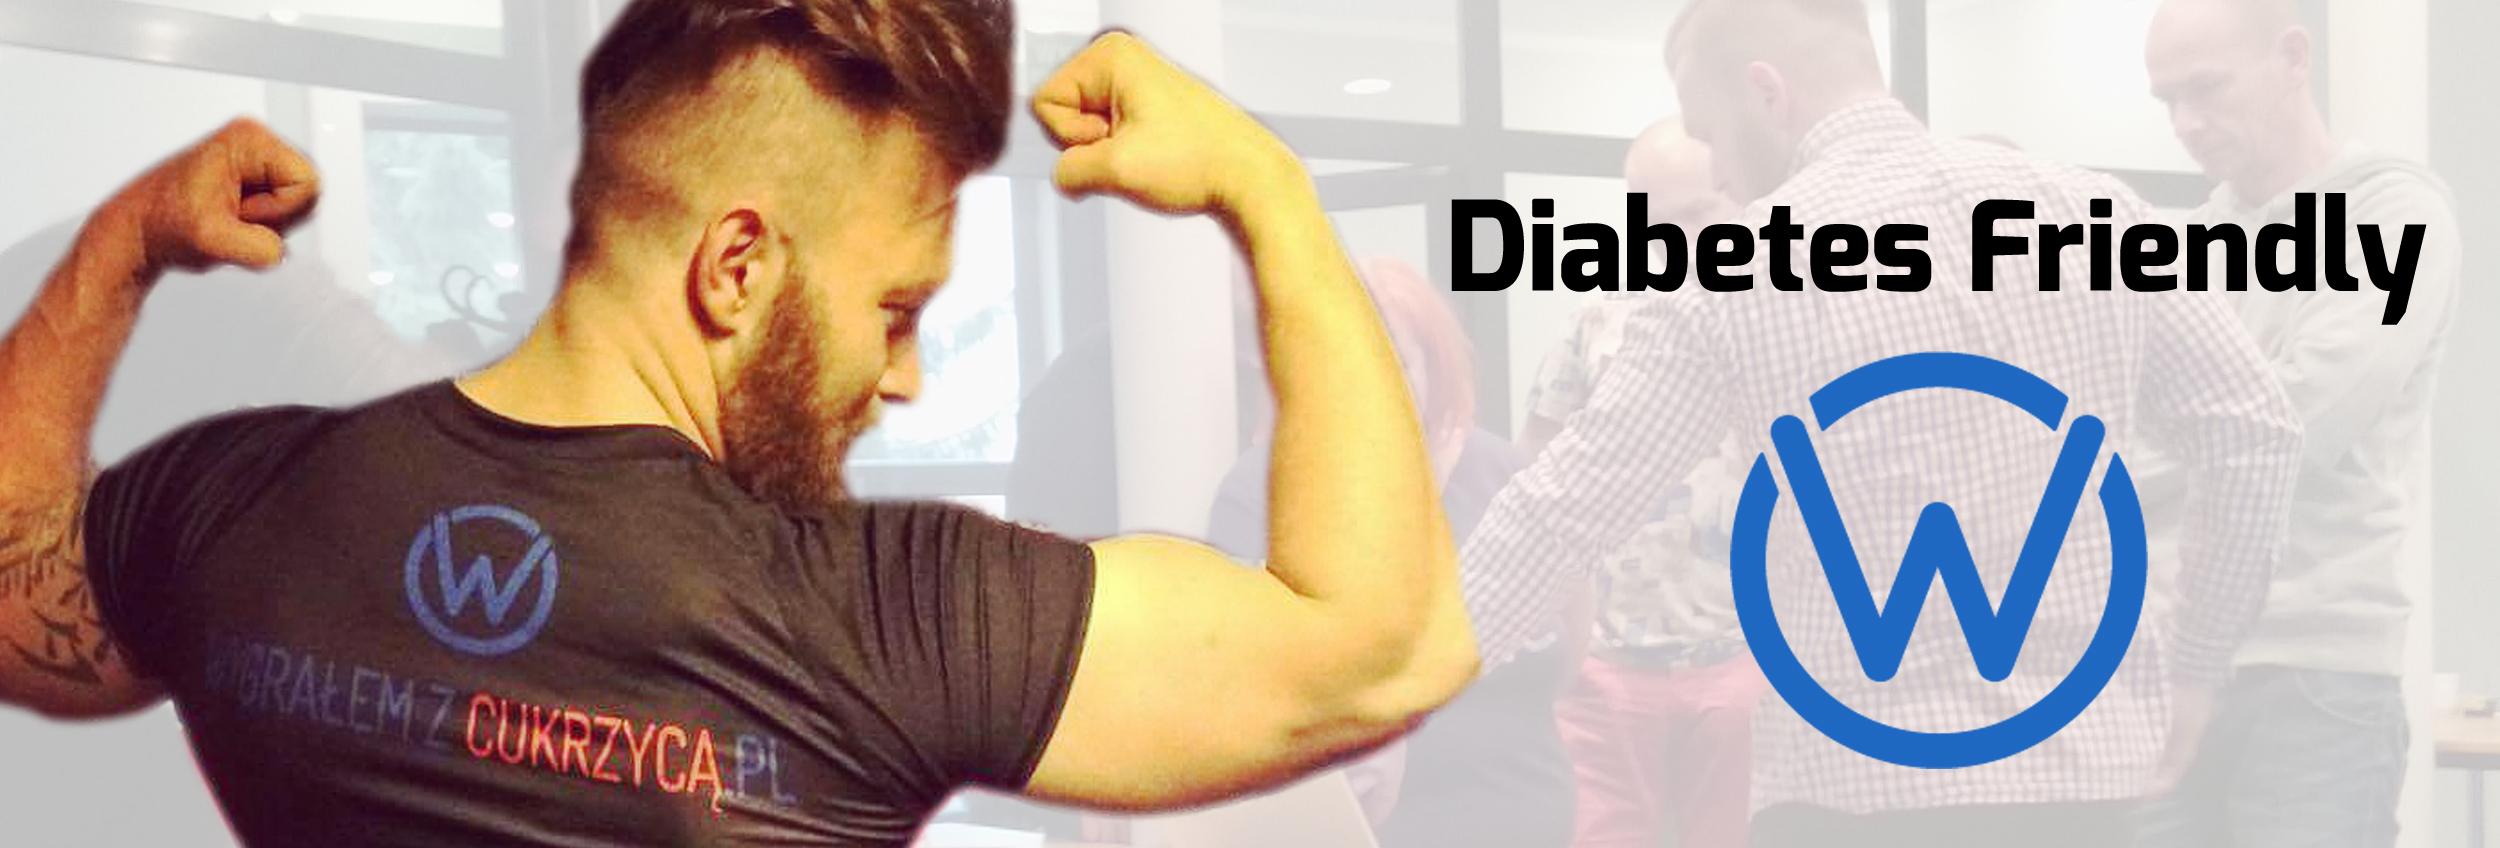 diabetesFbanner